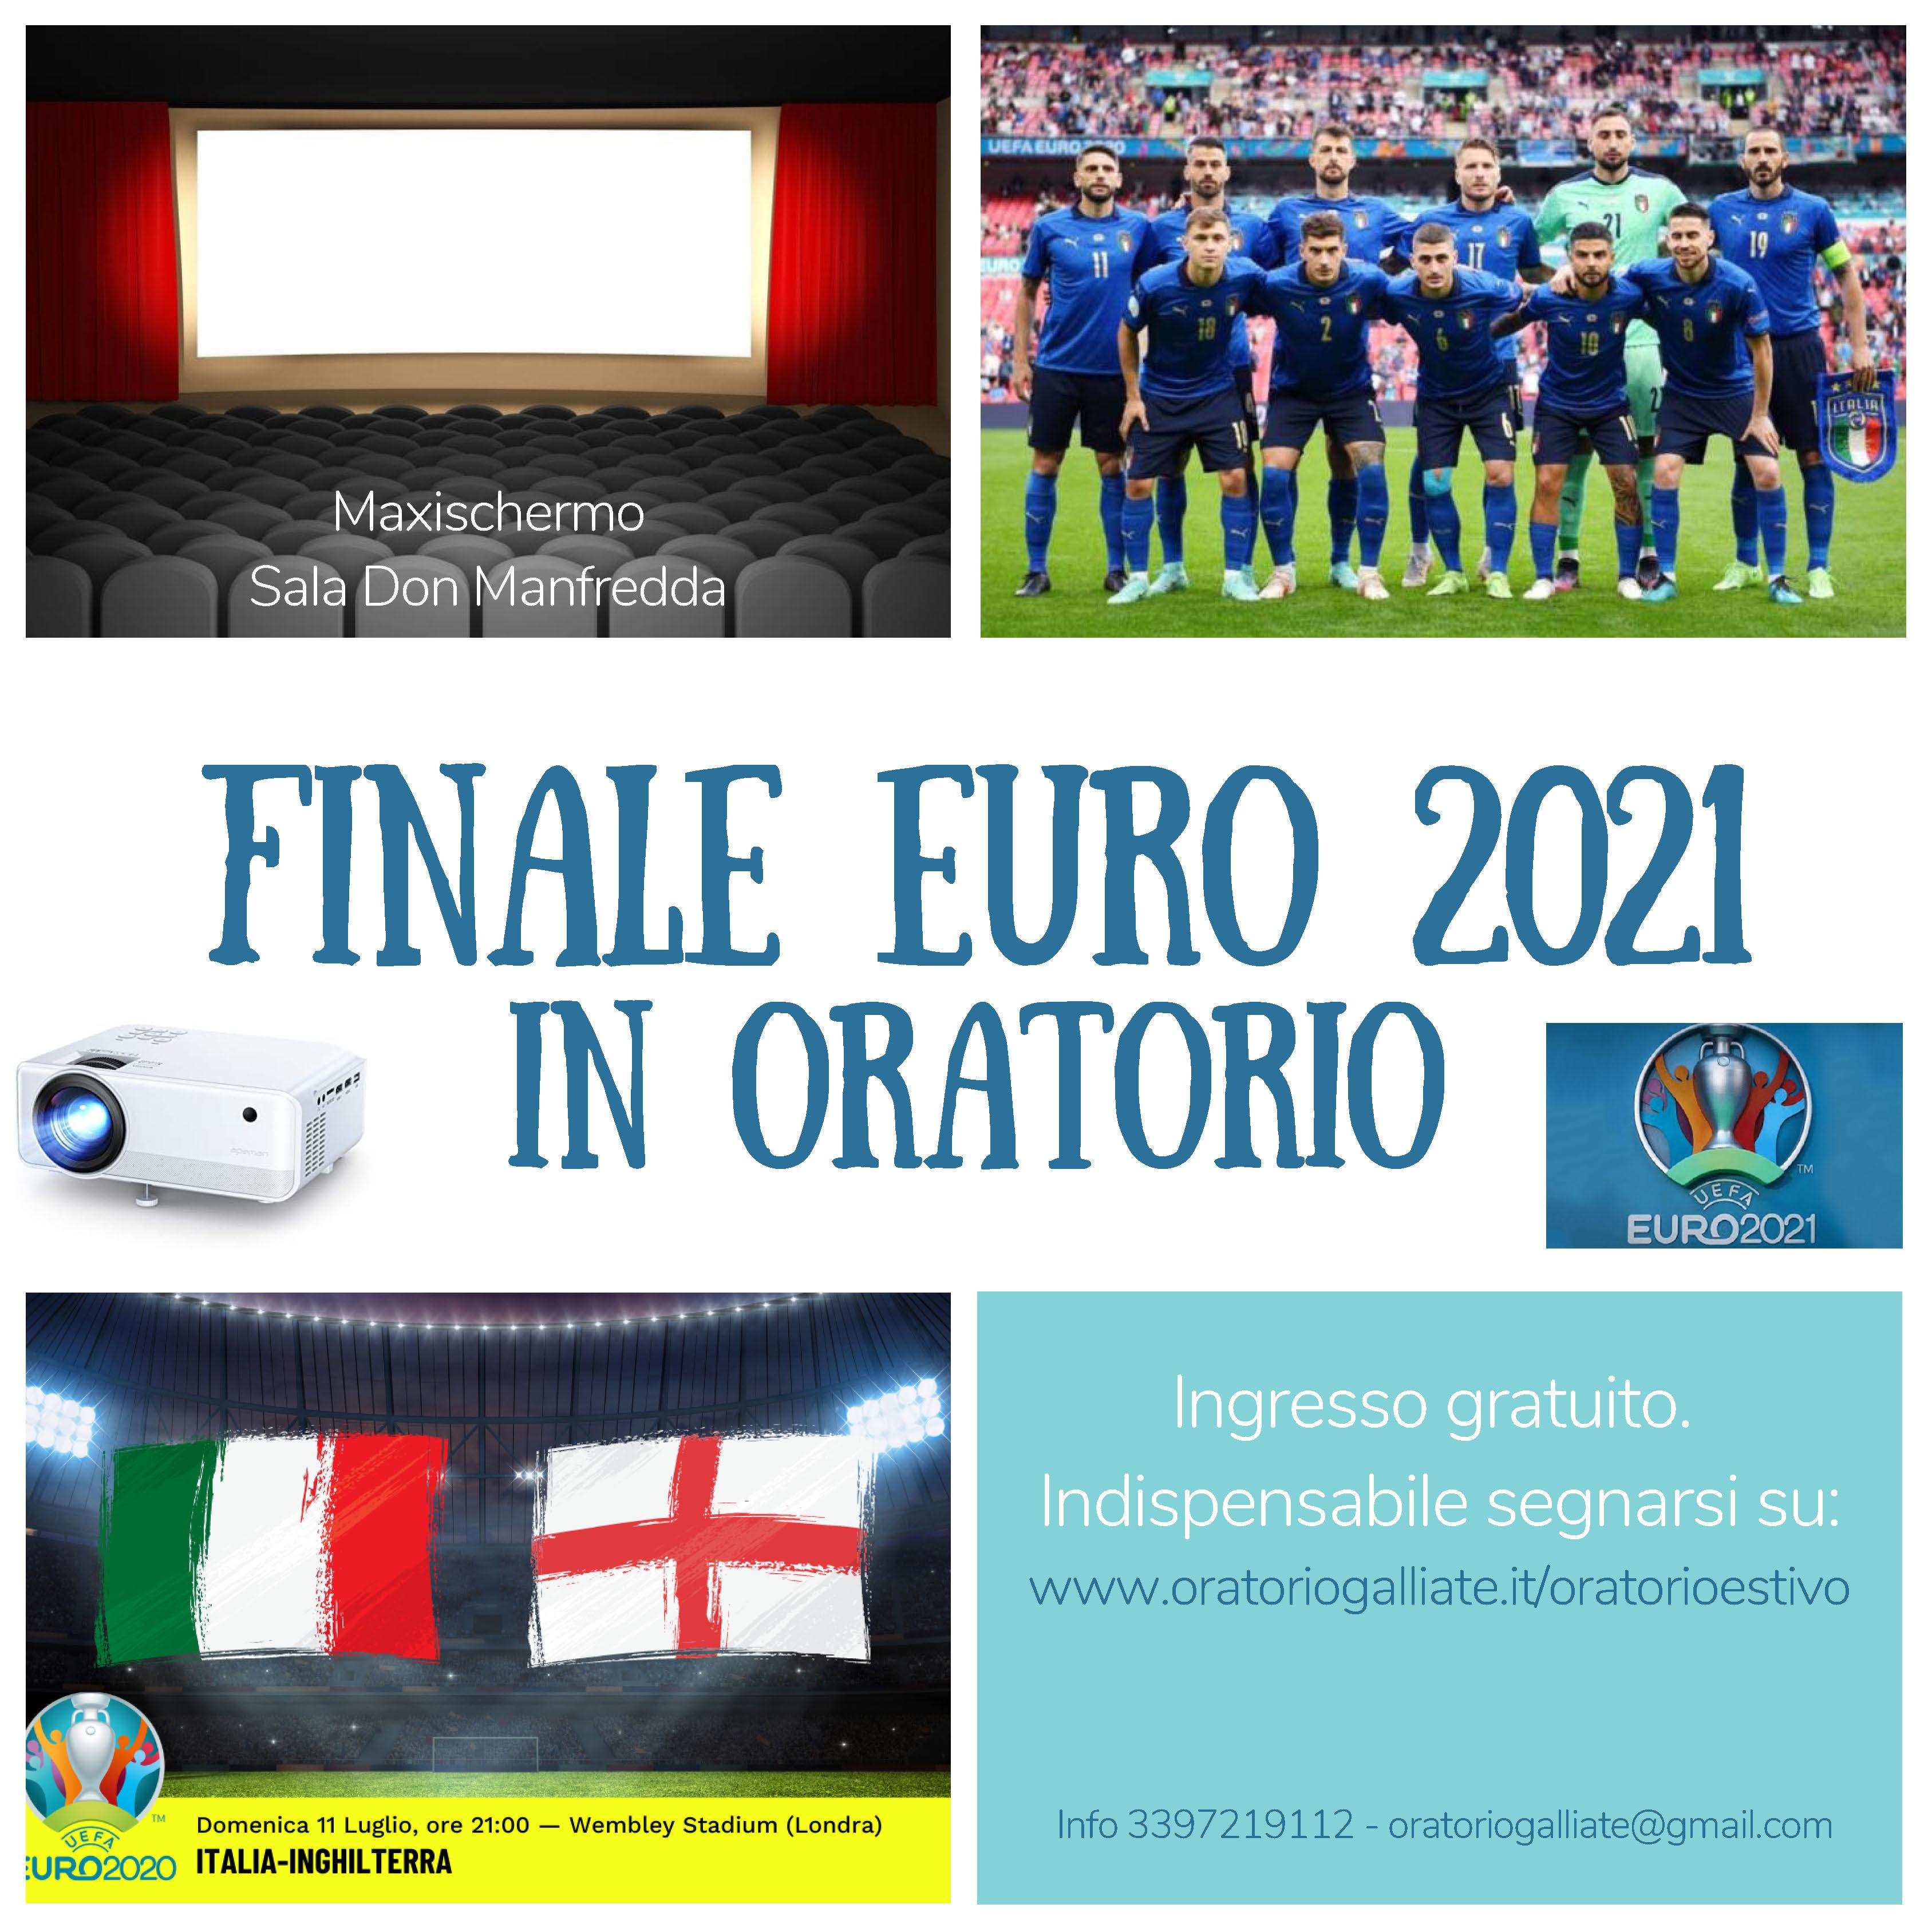 bo210711-Euro2021_inOratorio-Finale